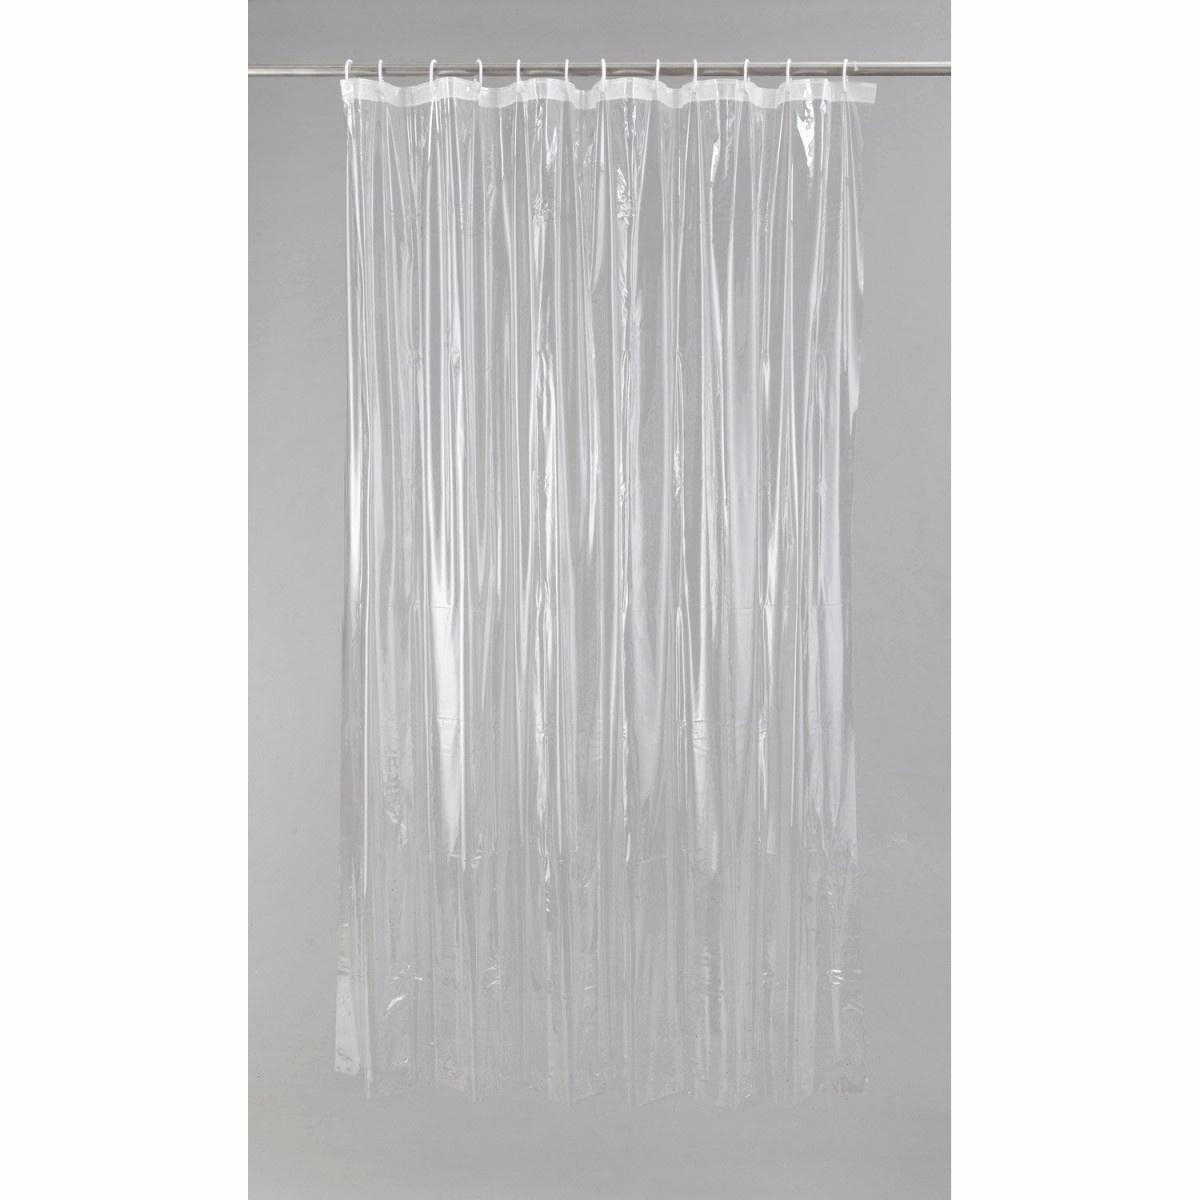 Rideau Plastique Transparent Élégant Rideau Plastique concernant Leroy Merlin Rideau De Douche